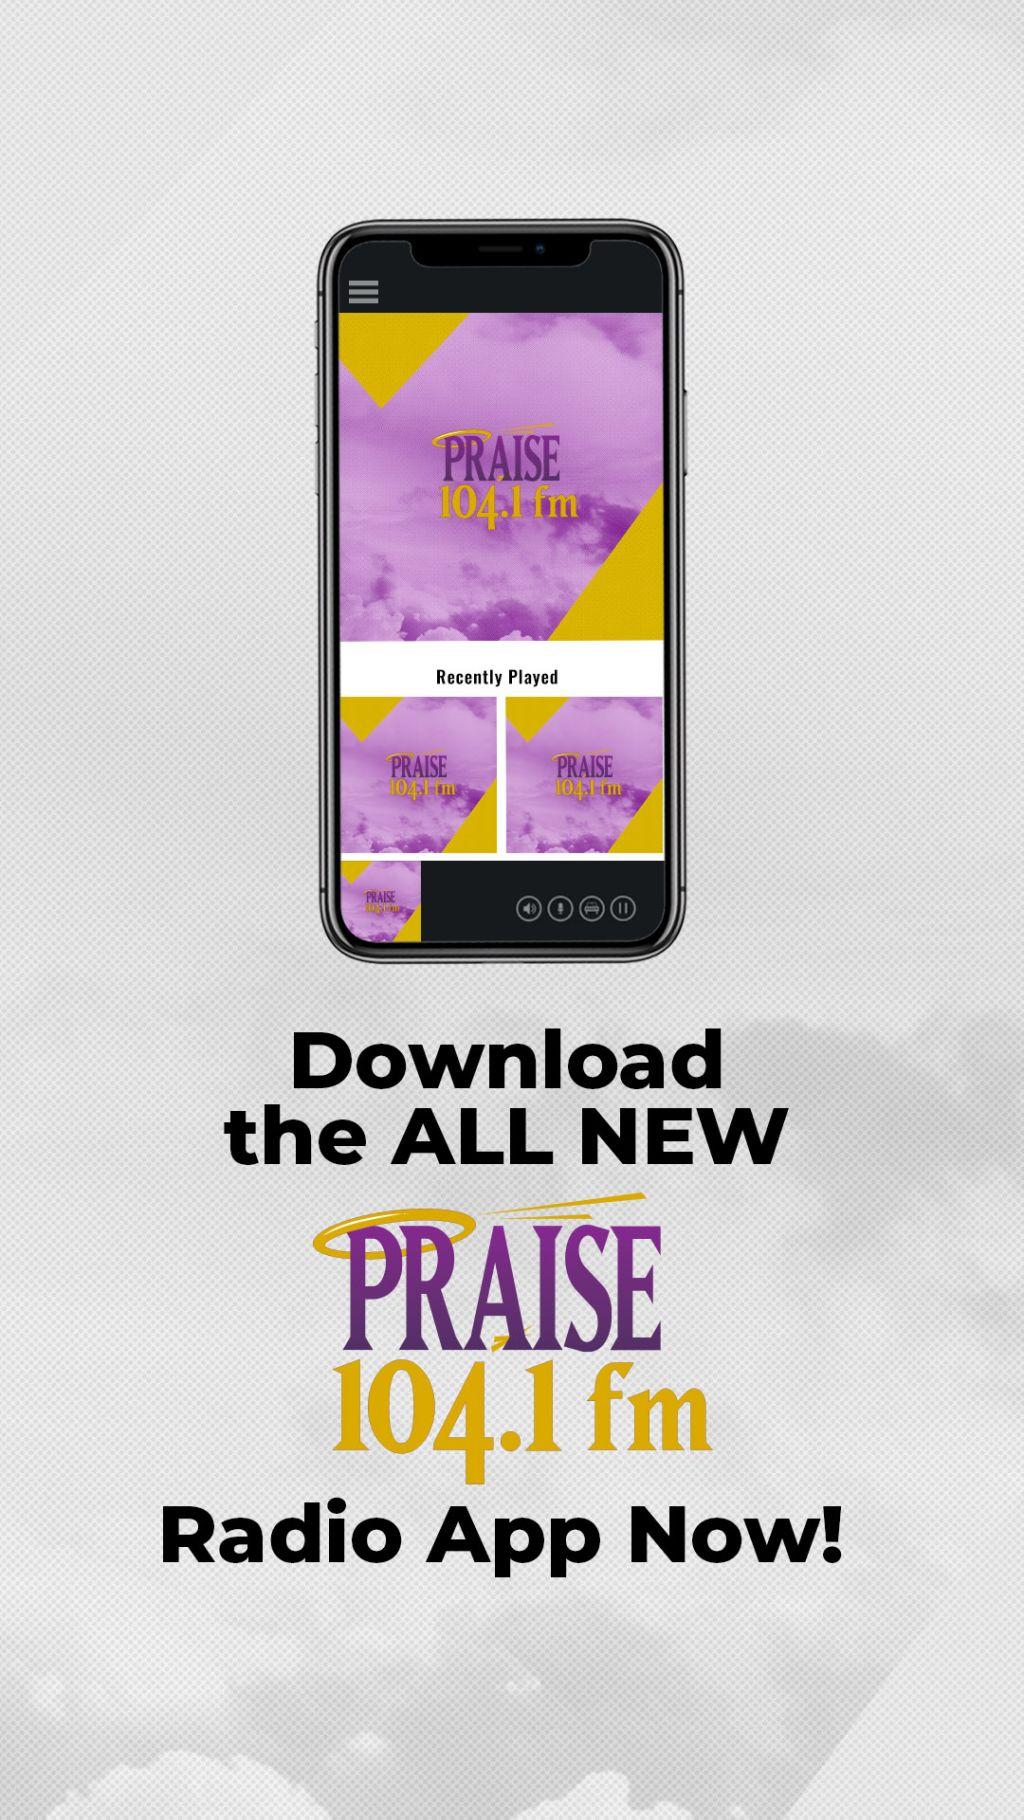 Praise 104.1 Mobile App